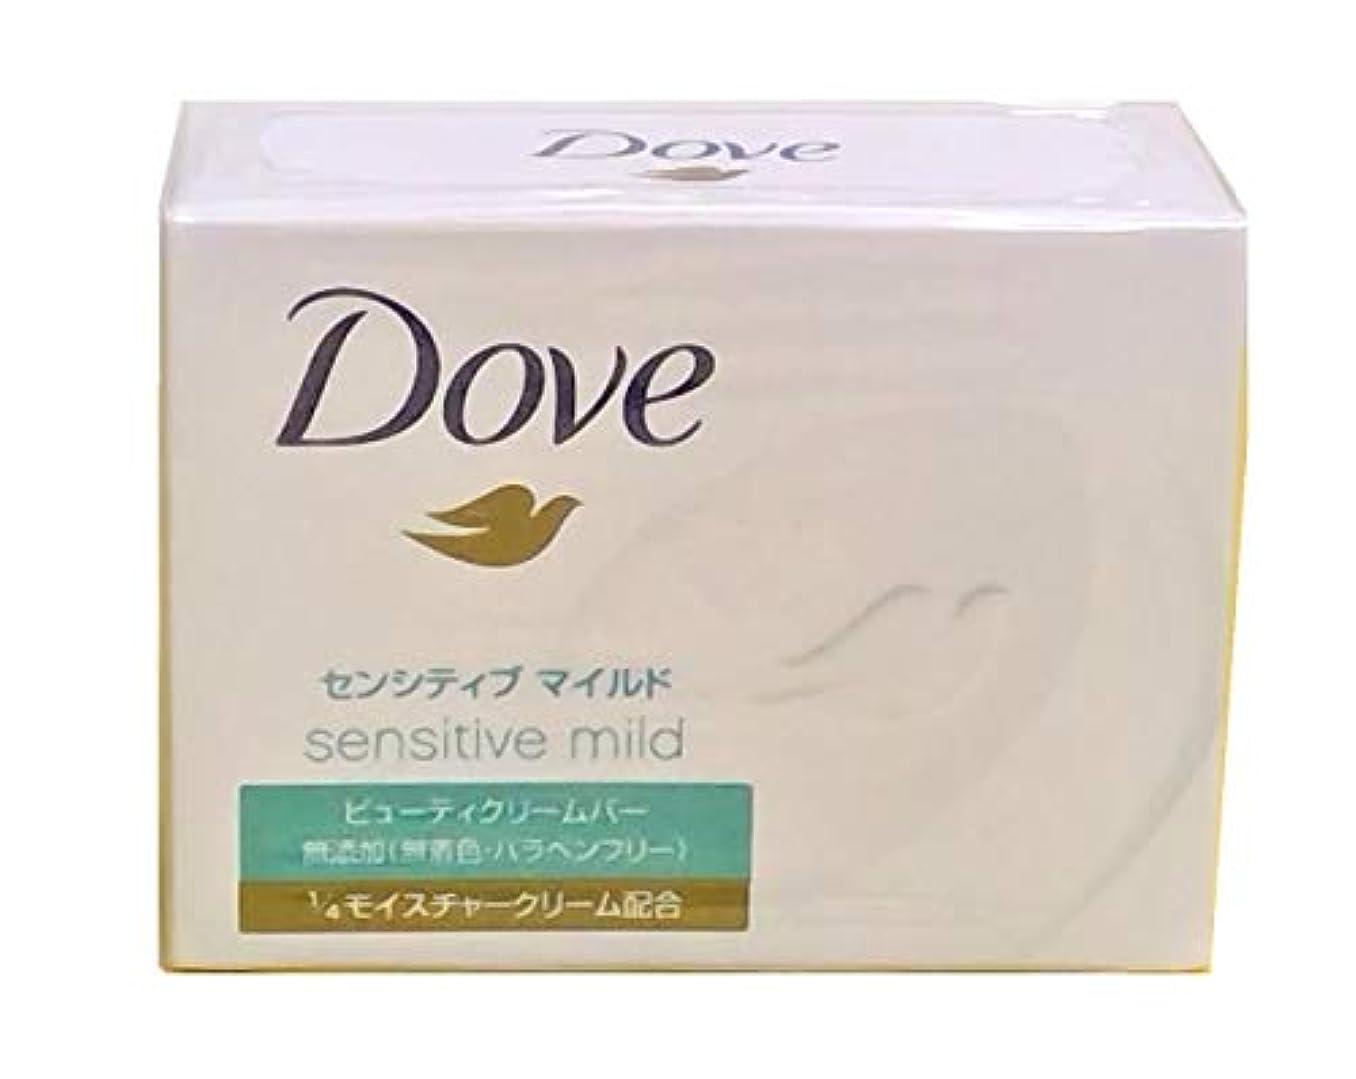 大佐勝利蒸気Dove ダヴ ビューティークリームバー センシティブマイルド 1個